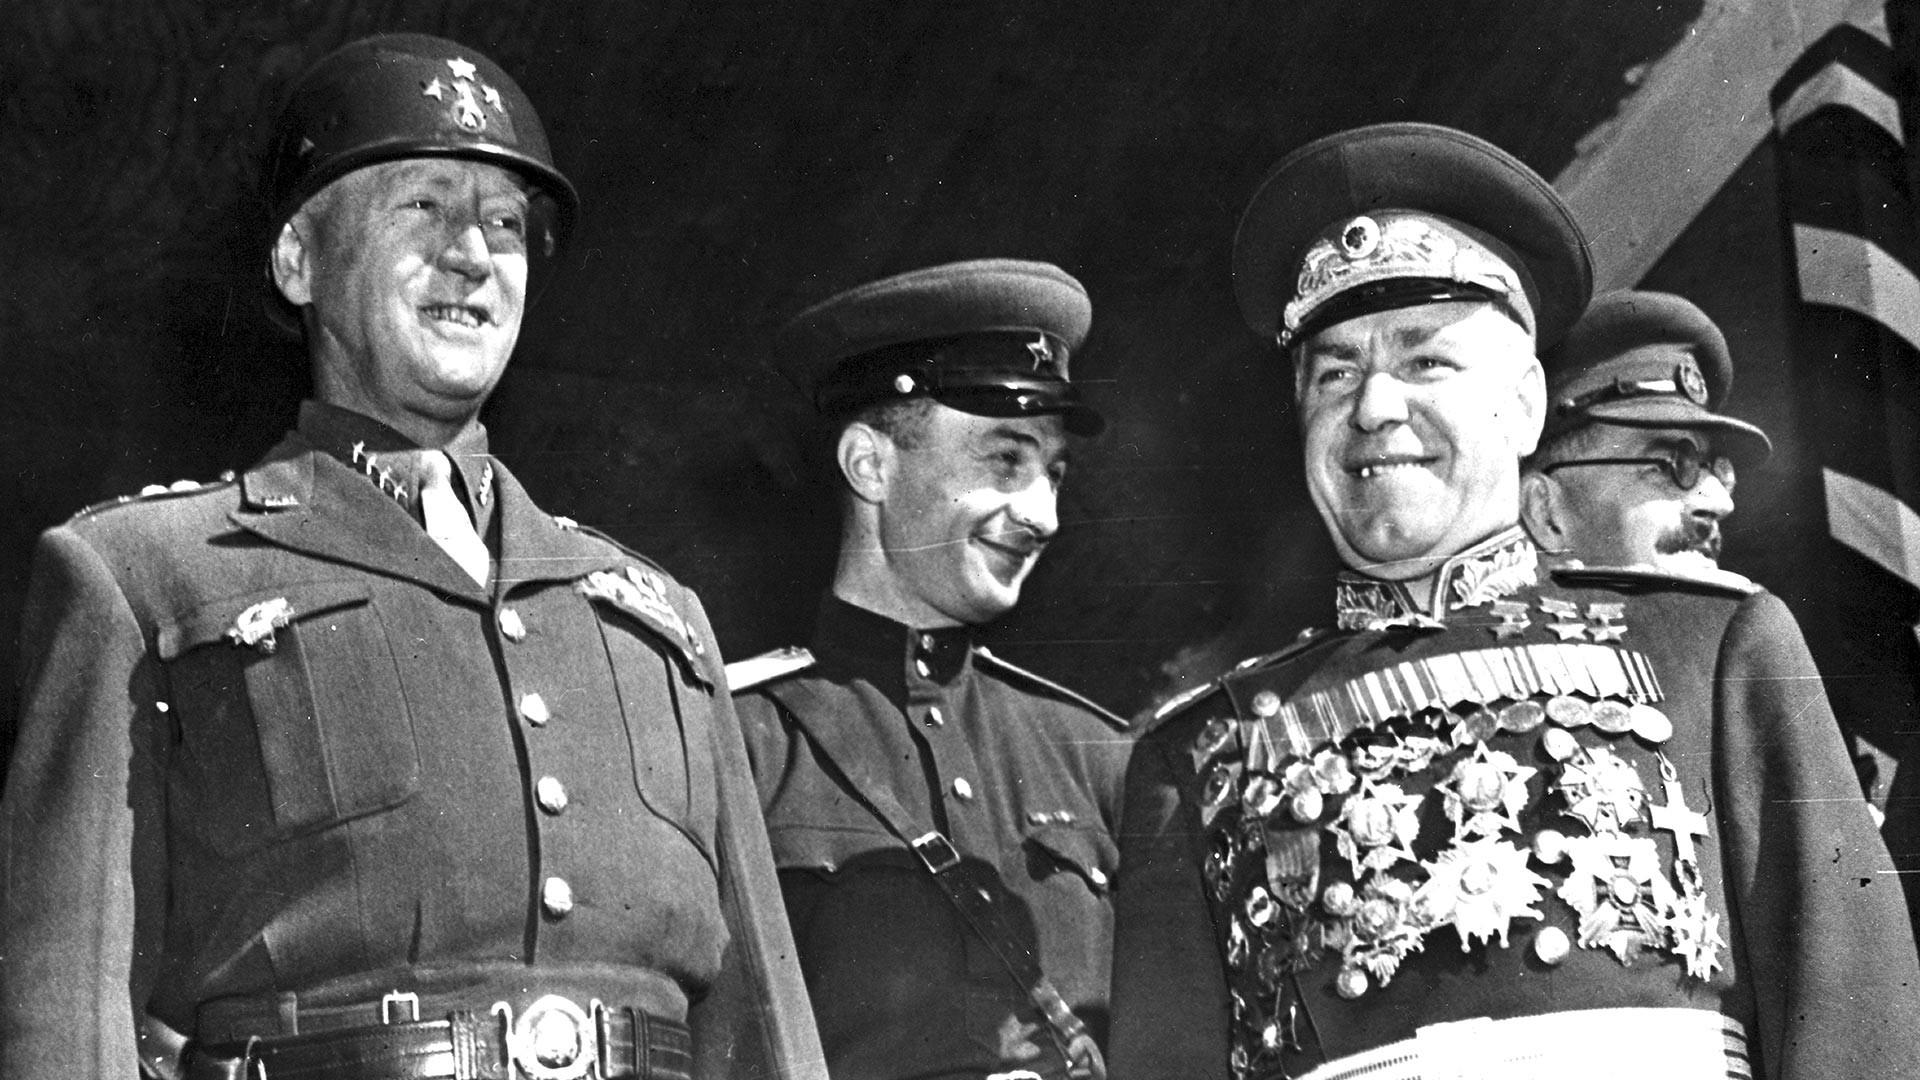 Ameriški general George Patton v vlogi vojaškega guvernerja Bavarske (L) in sovjetski maršal Georgij Žukov (D)